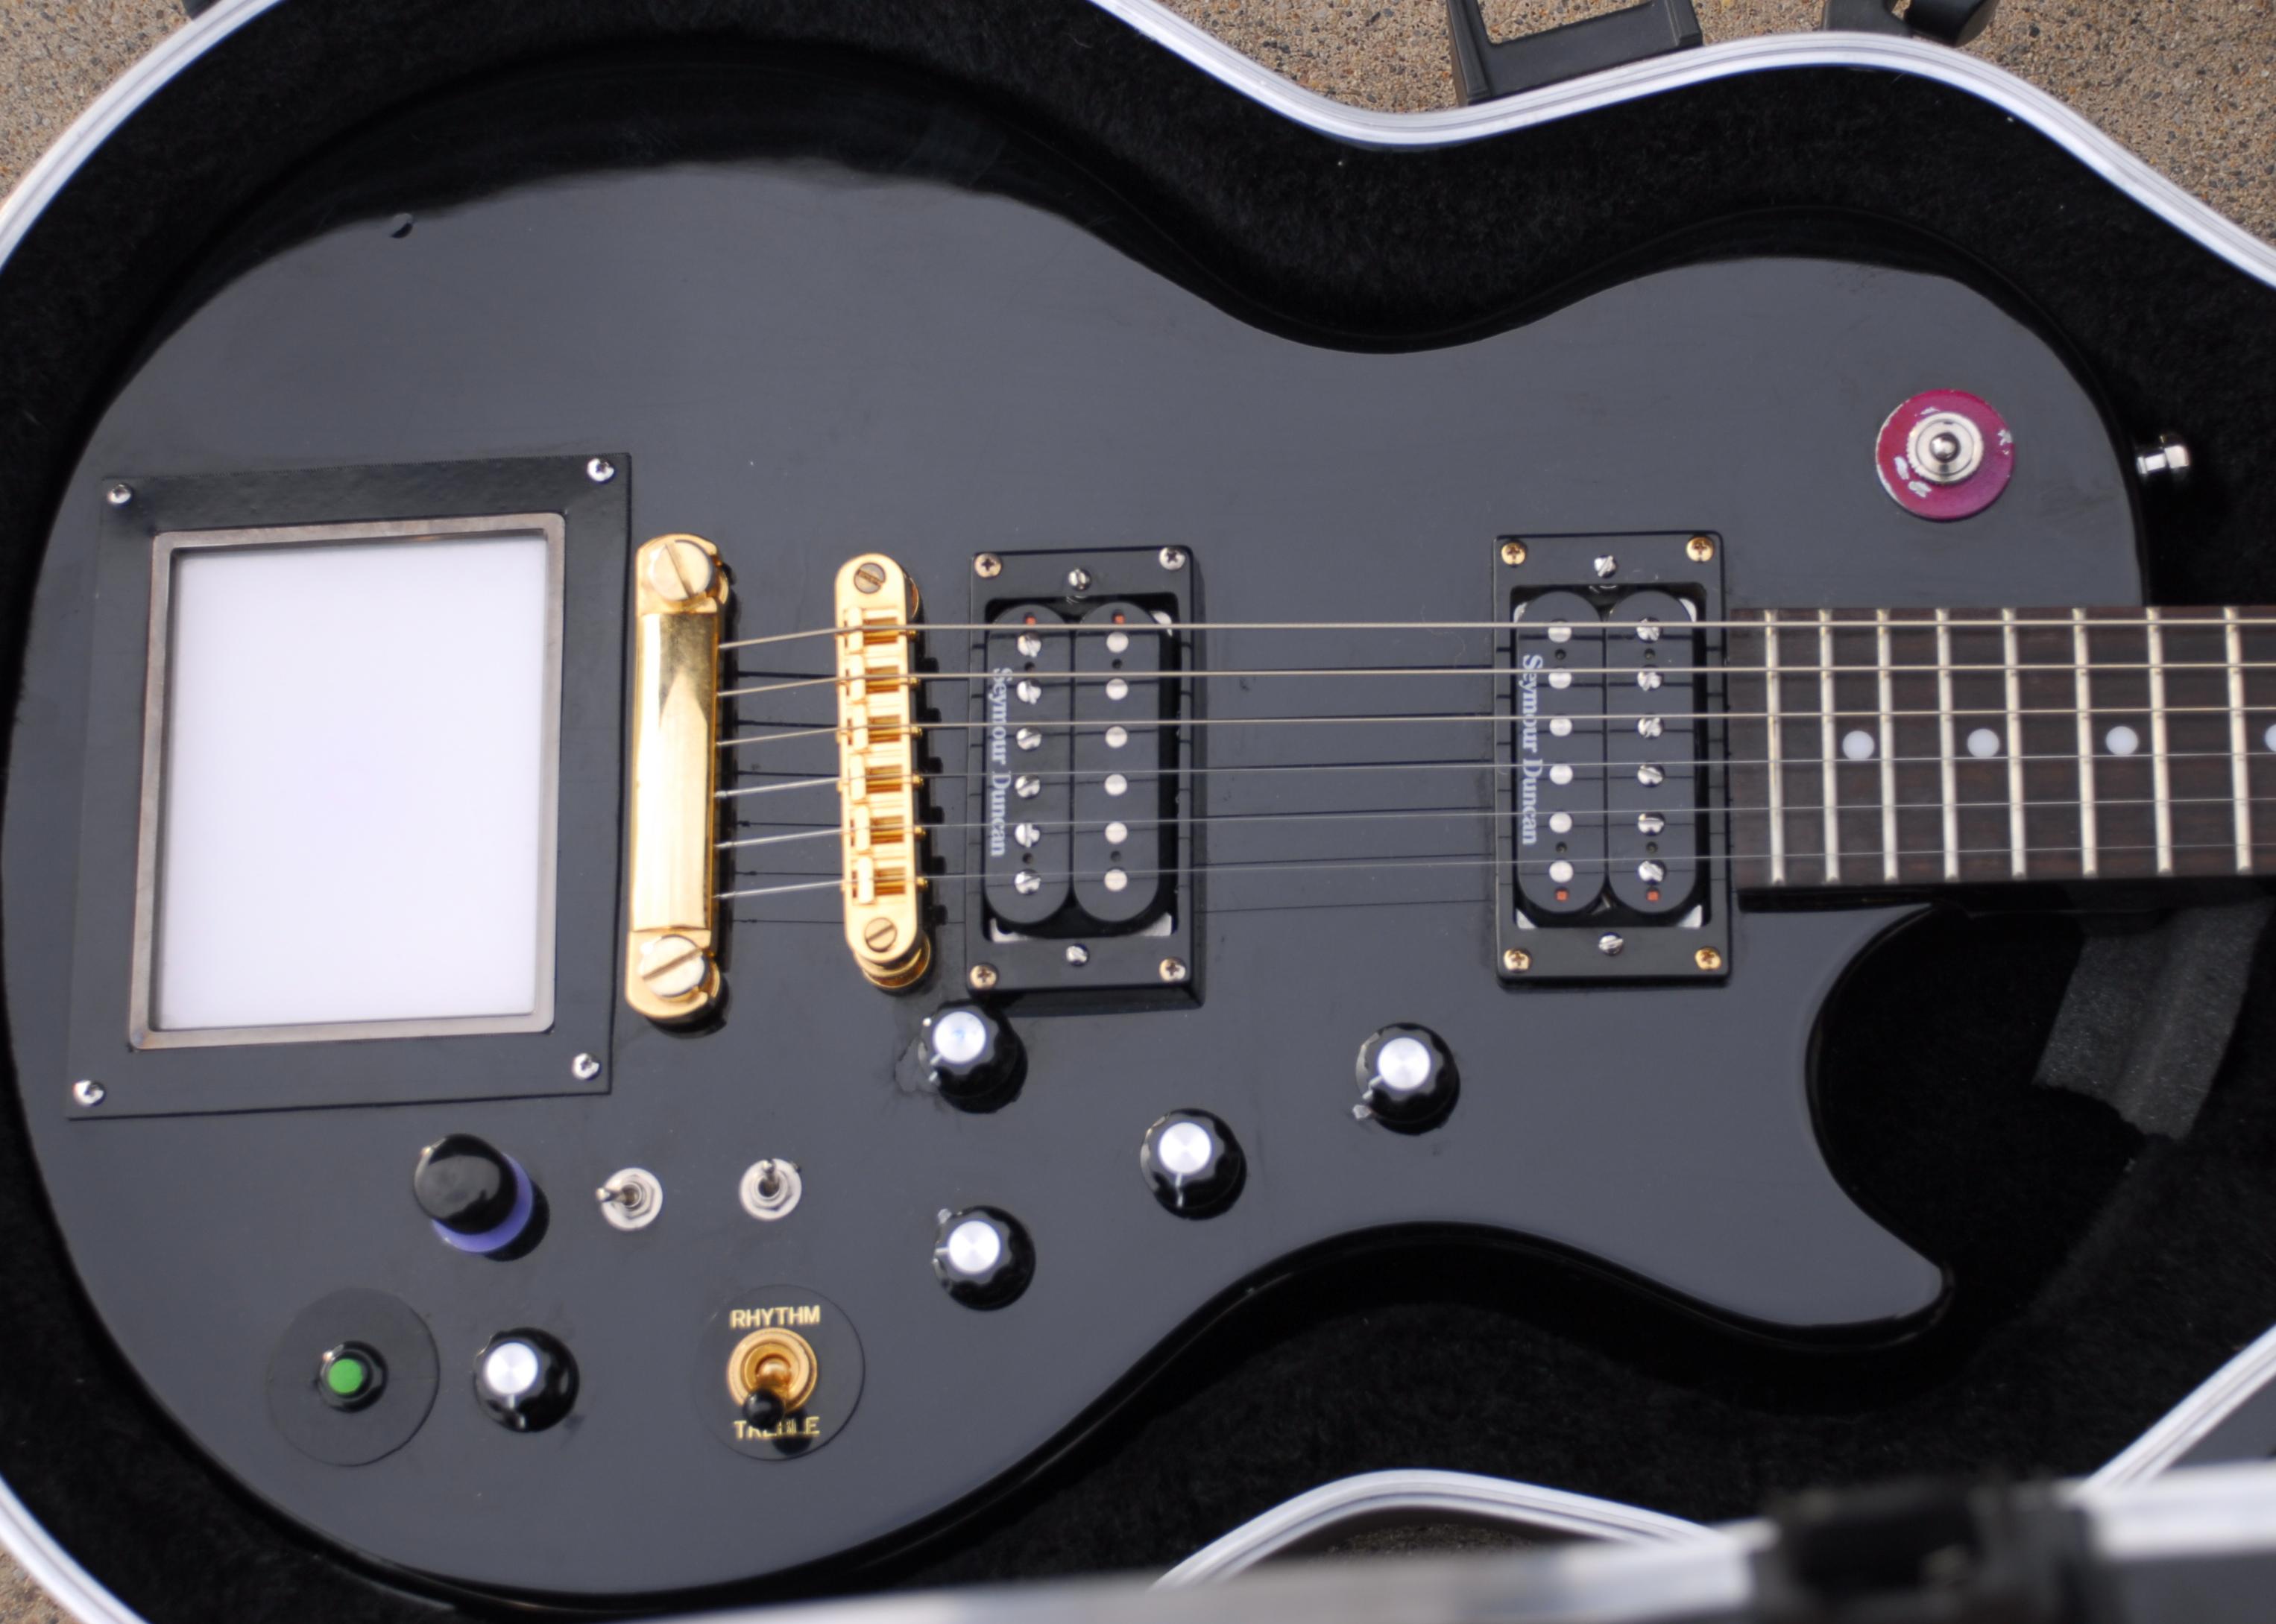 Picture of Kaoss Pad Guitar